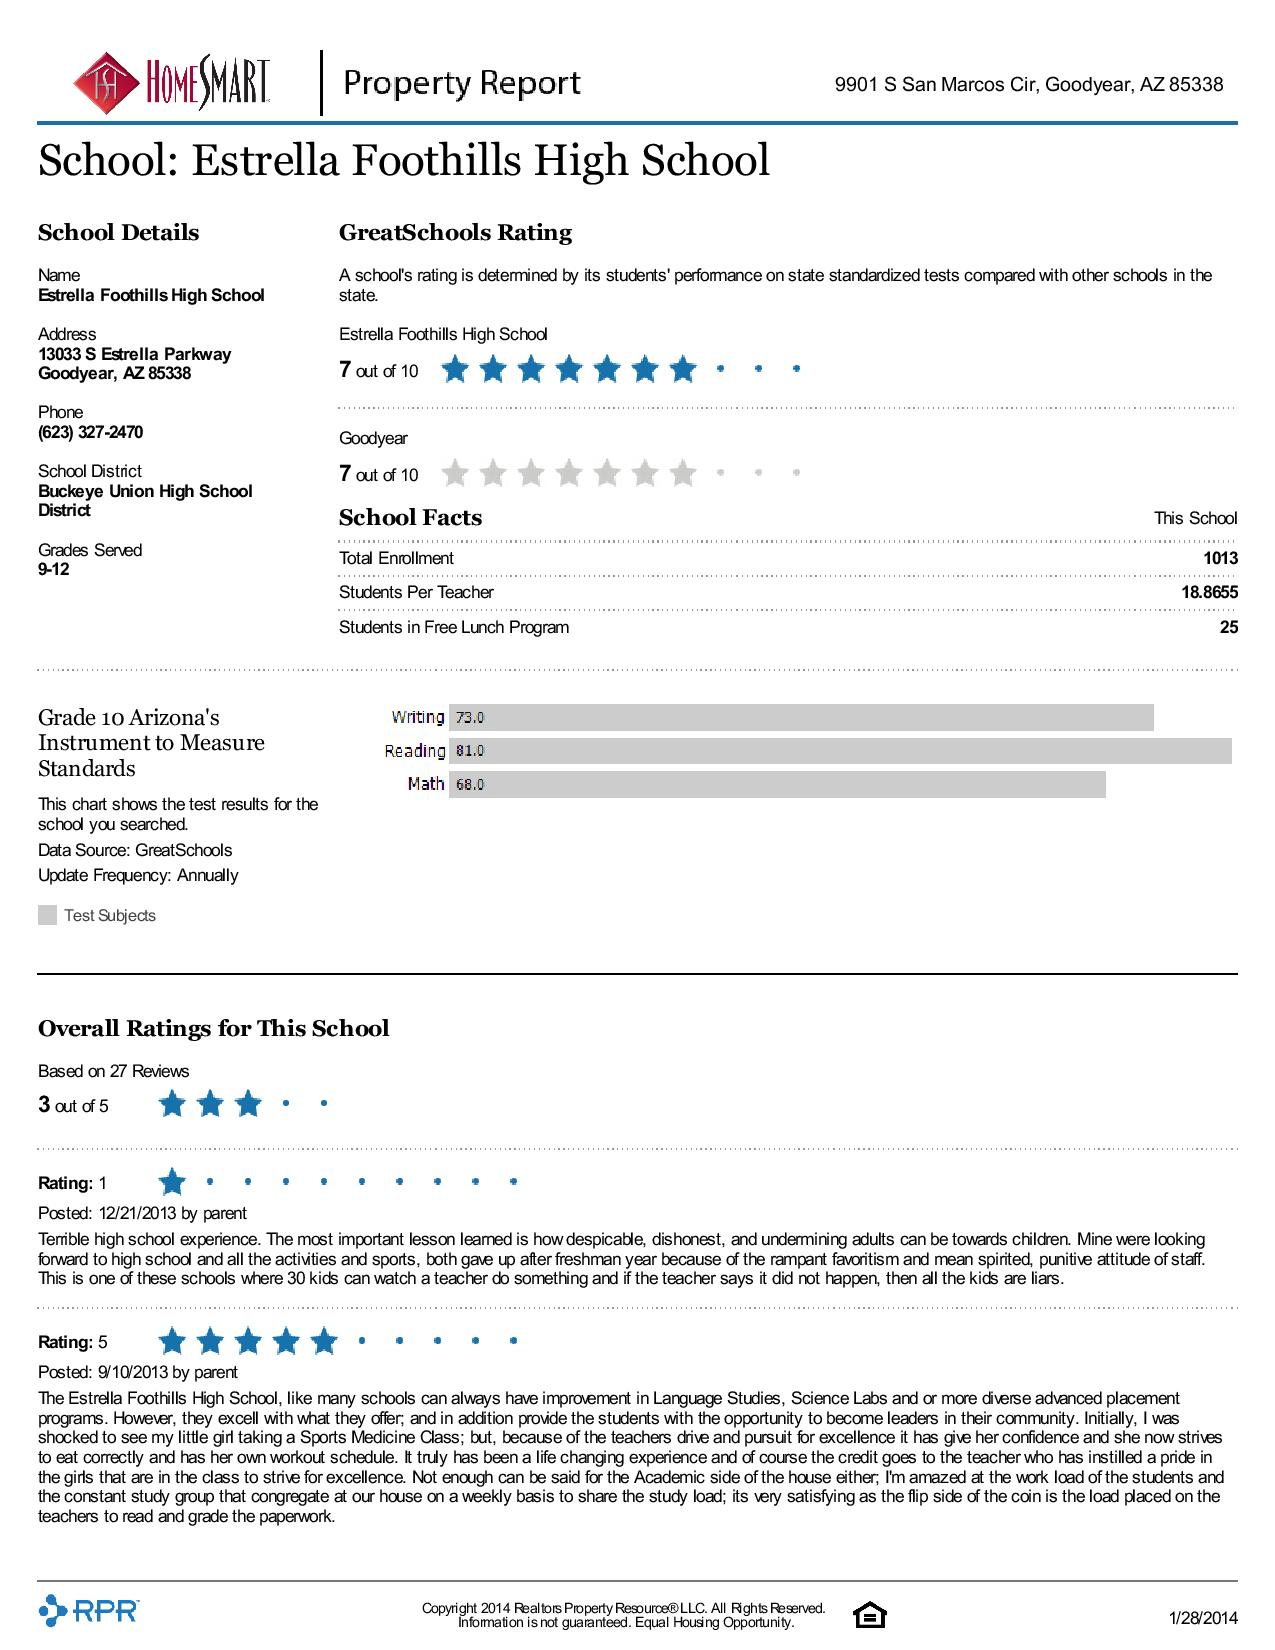 9901-S-San-Marcos-Cir-Goodyear-AZ-85338.pdf-page-010